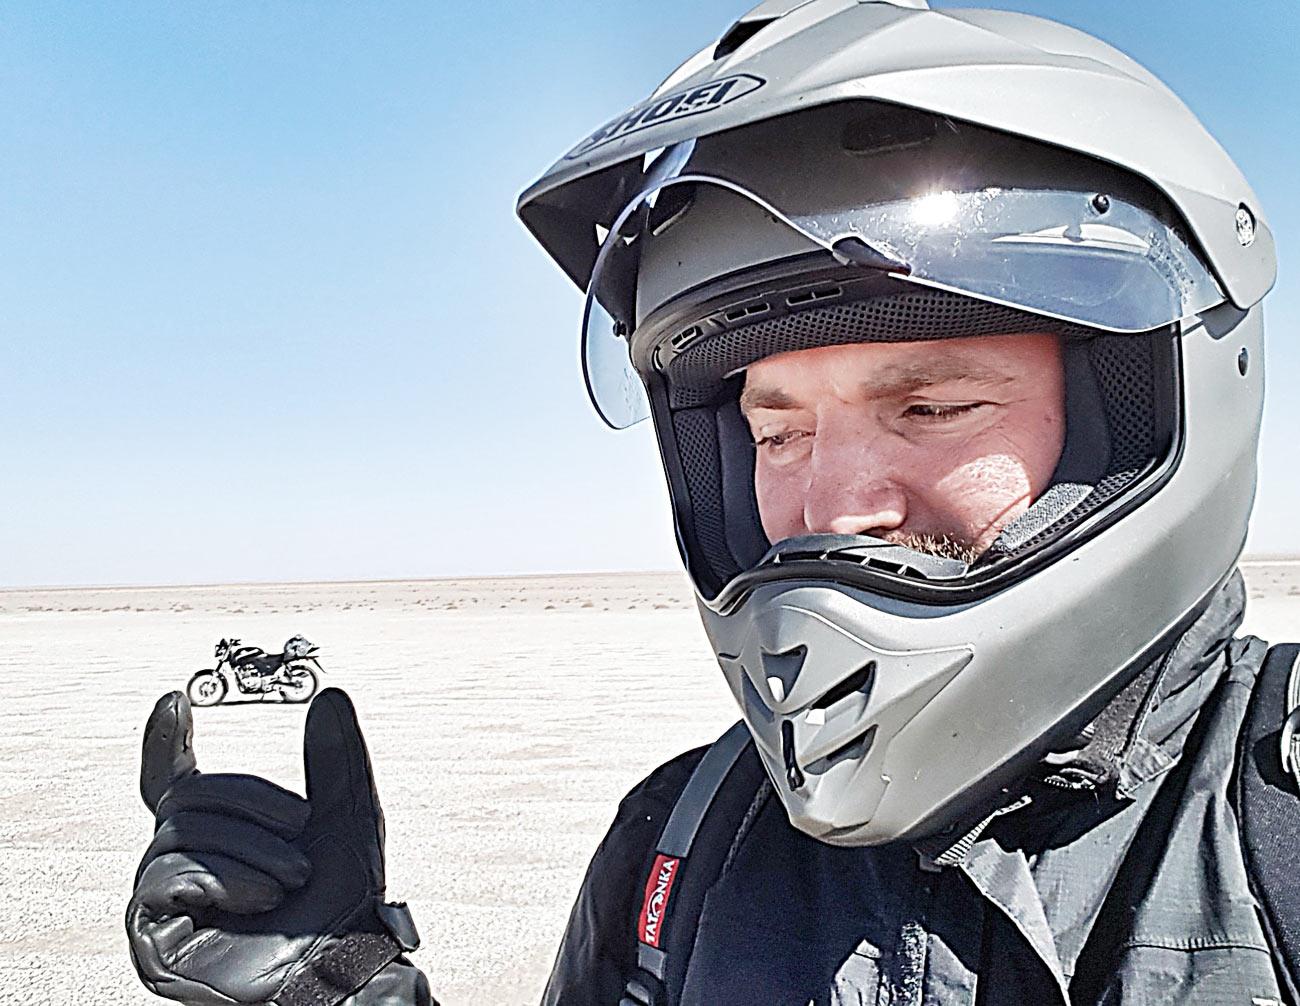 Geschenke für Motorradfahrer Gravur Iran Tour 2020 Wüste Motorradfahren Iran